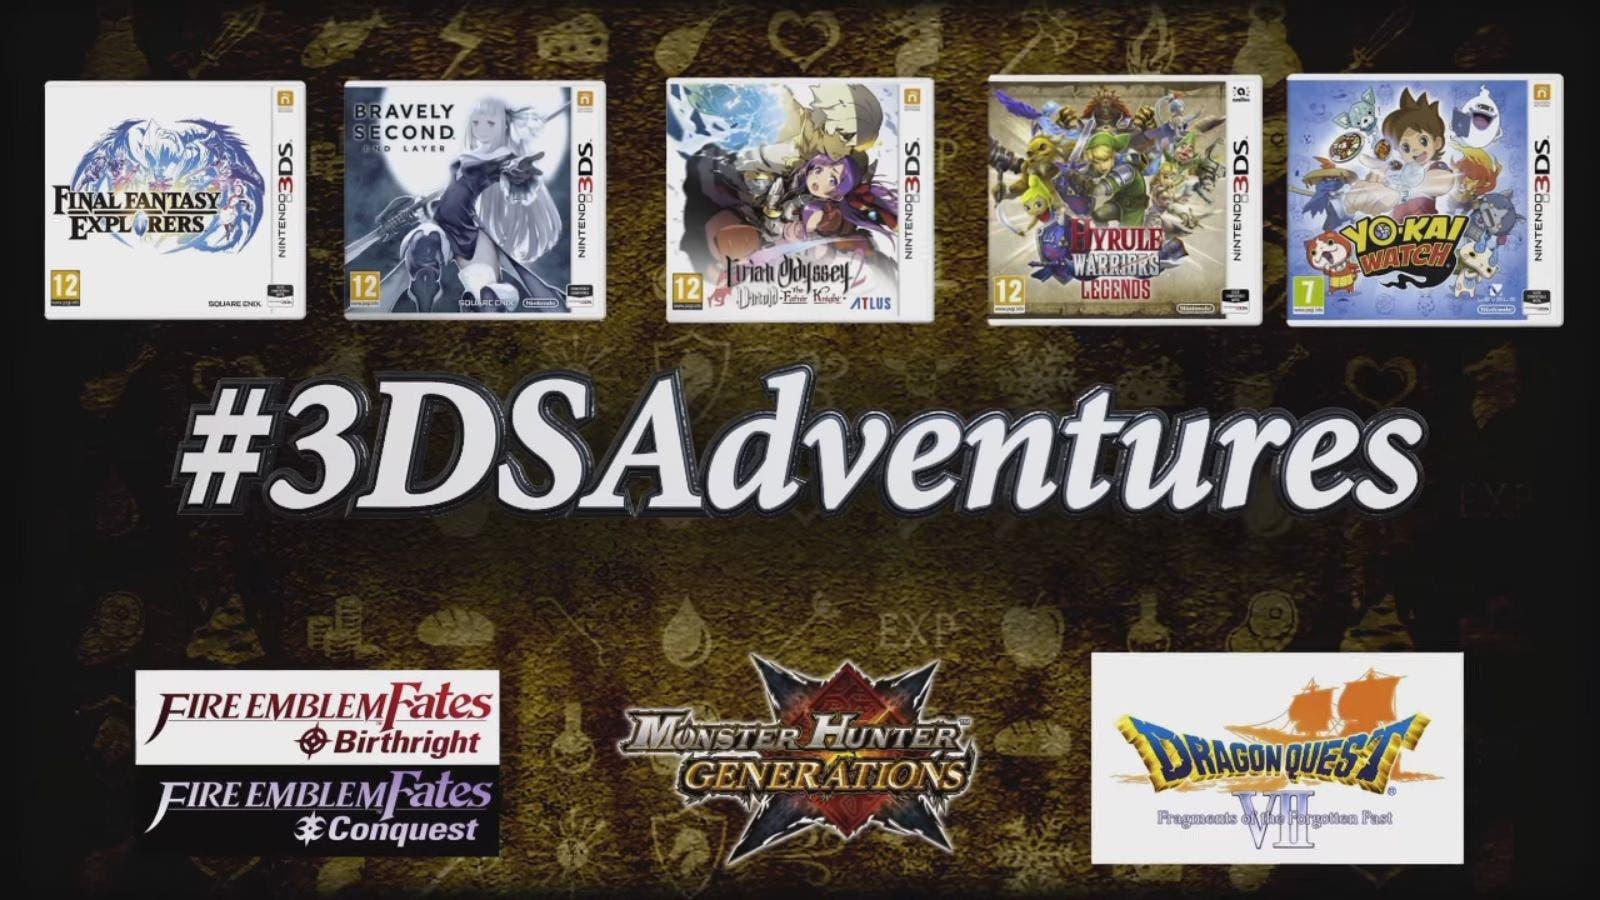 Nintendo UK habla sobre la campaña #3DSAdventures